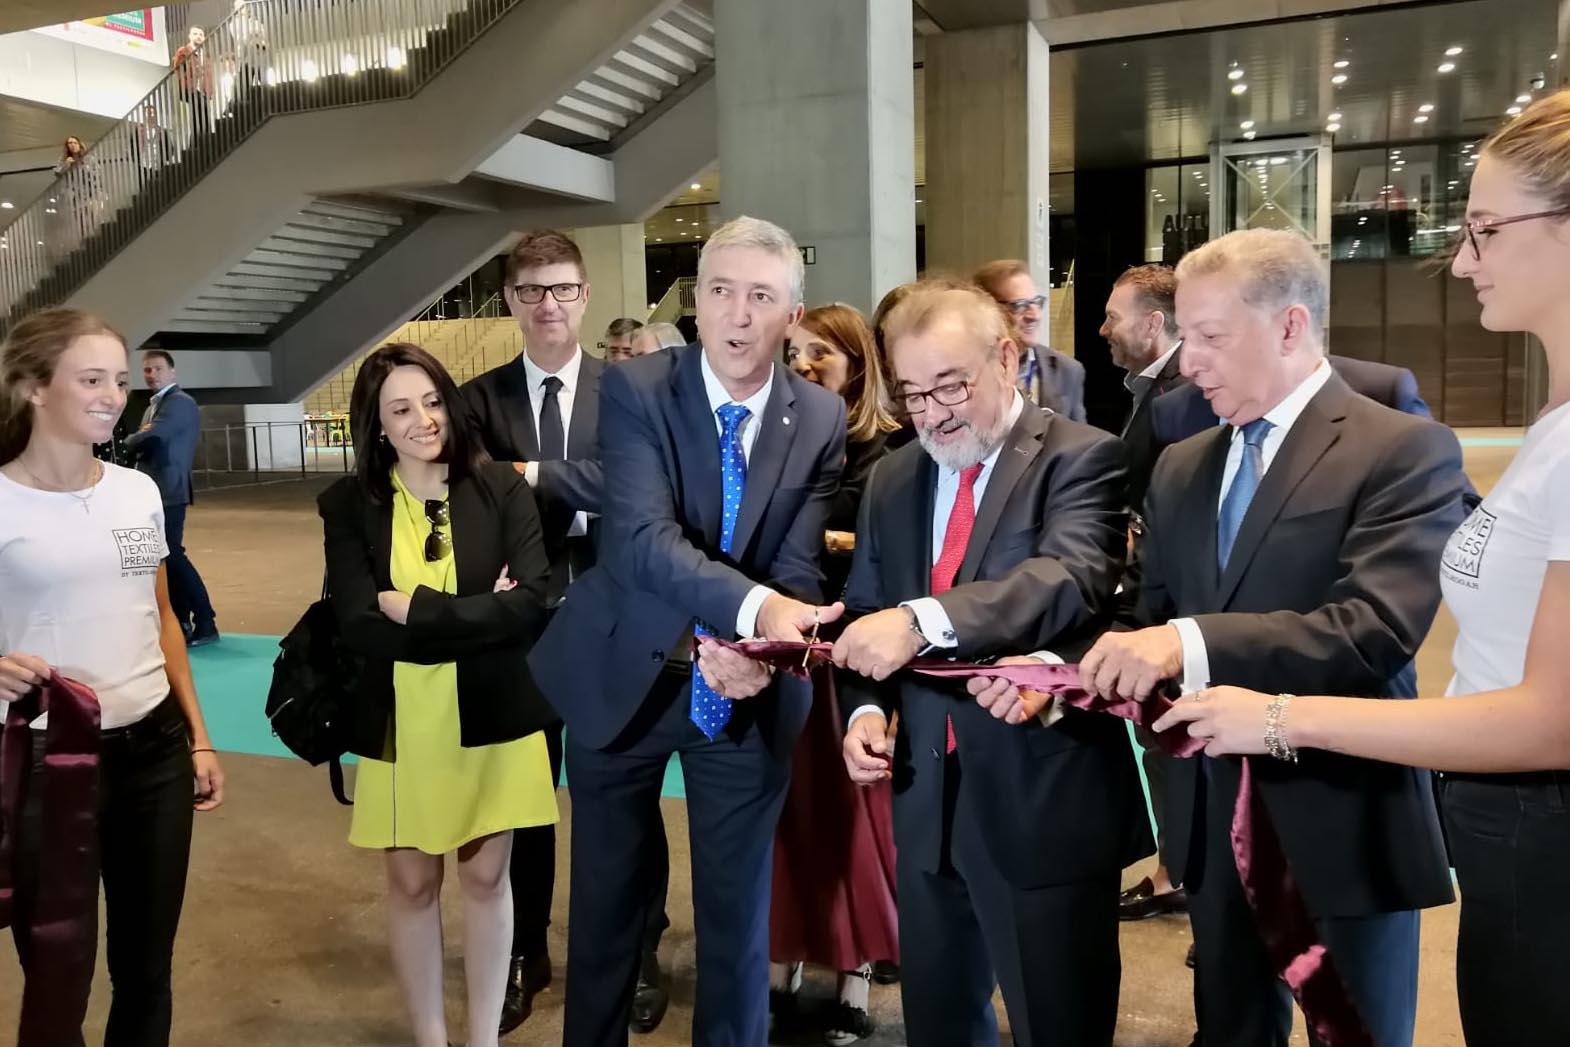 El conseller d'Economia inaugura la 5a edició de Textilhogar, consolidada en la Caja Mágica El Periòdic d'Ontinyent - Noticies a Ontinyent